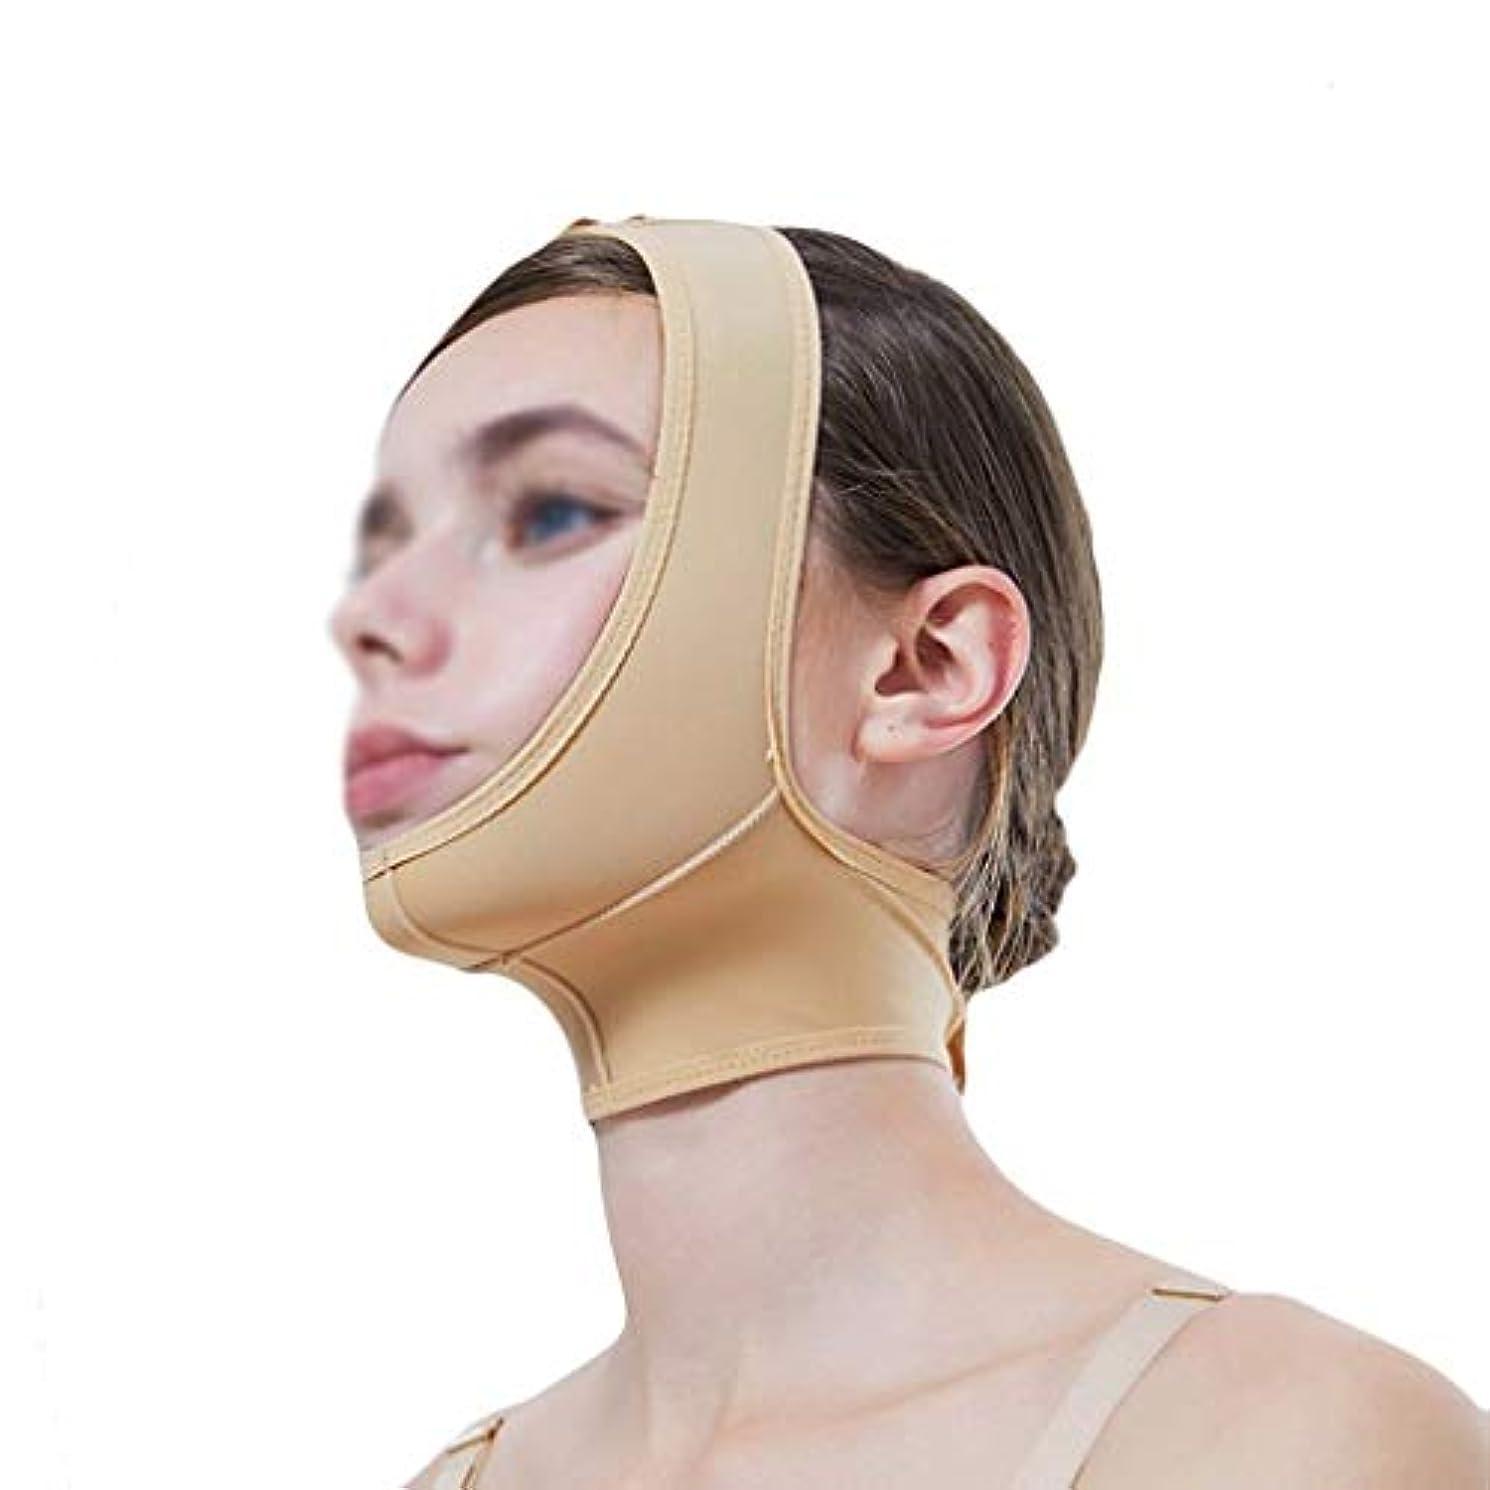 損失完全に衣服マスク、超薄型ベルト、フェイスリフティングに適し、フェイスリフティング、通気性包帯、あご取りベルト、超薄型ベルト、通気性(サイズ:XL),S